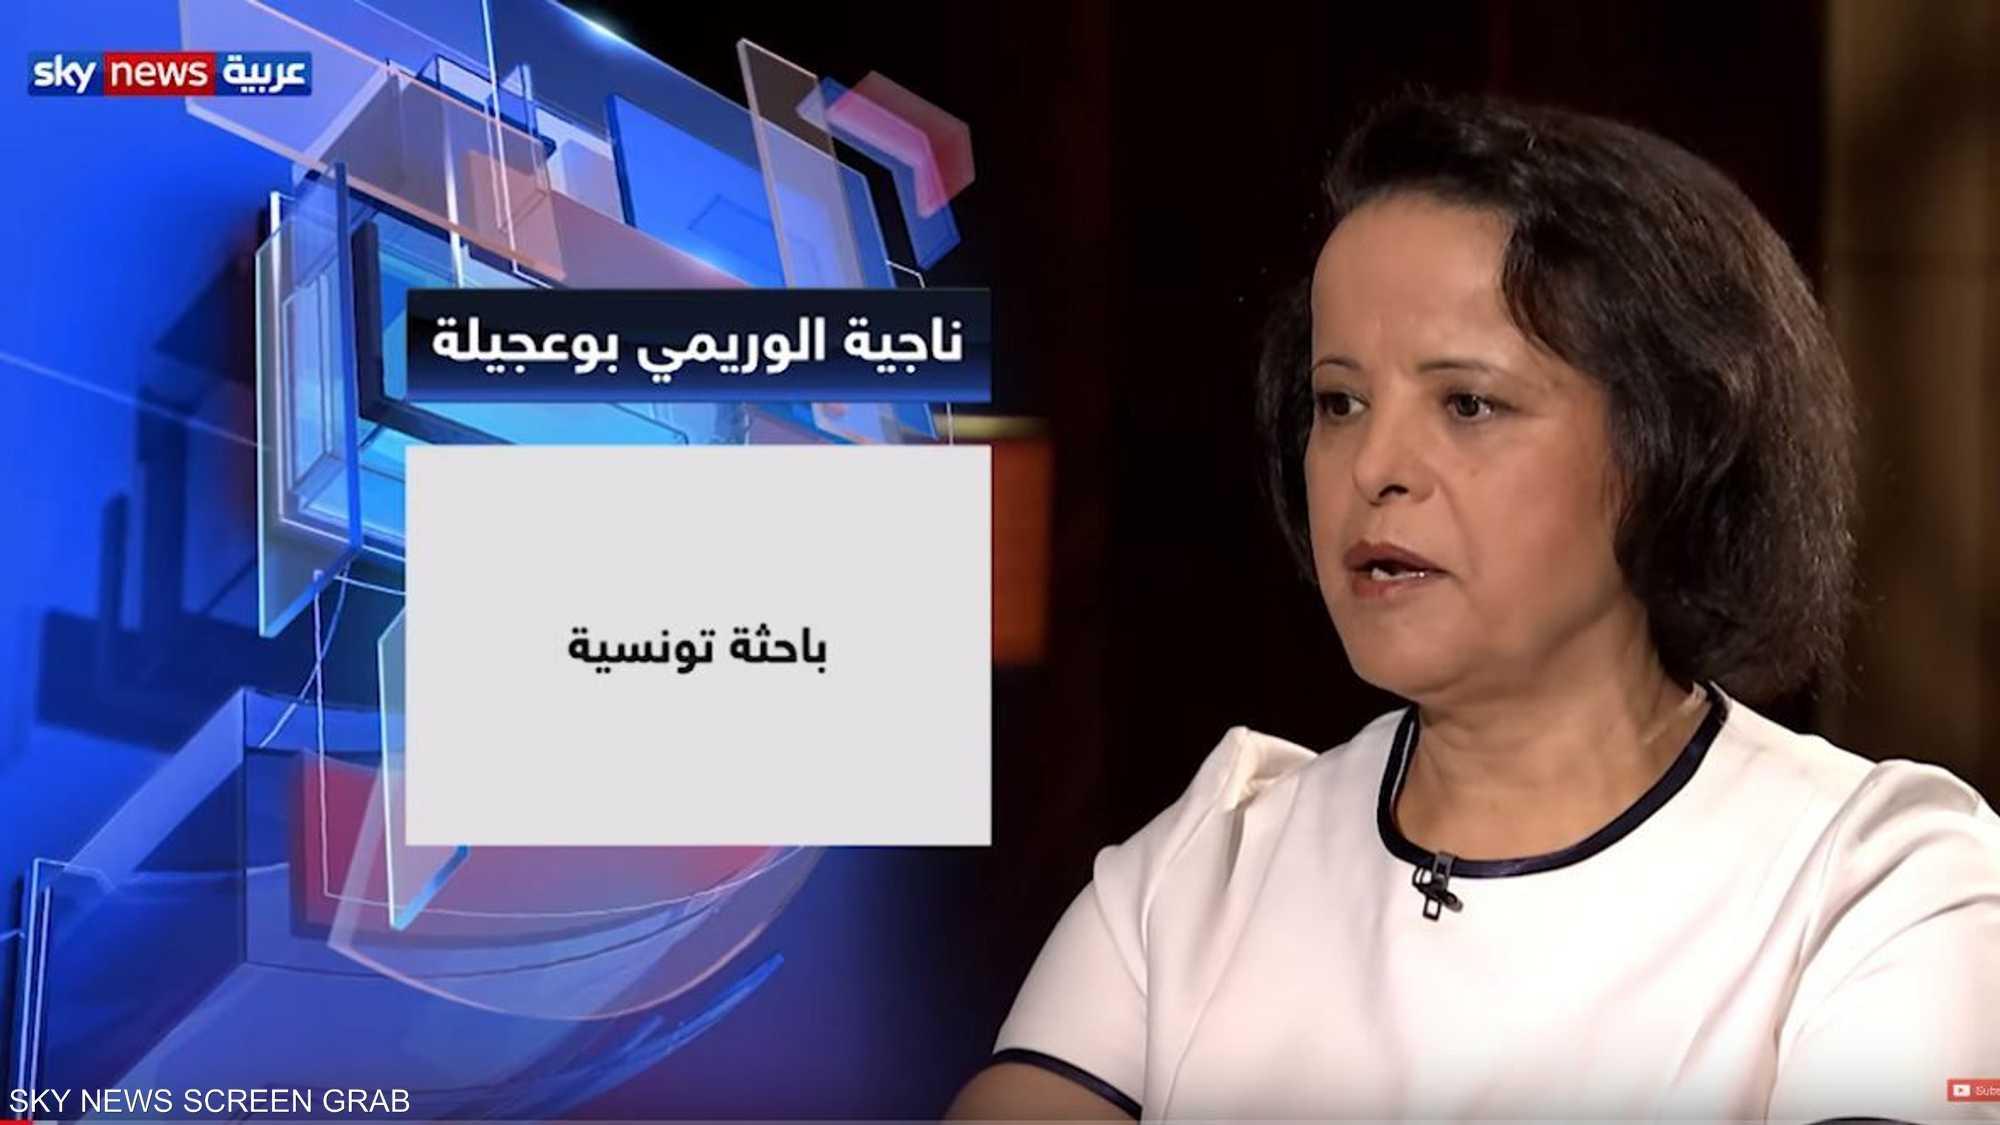 الباحثة التونسية ناجية بو عجيلة ضيفة حديث العرب